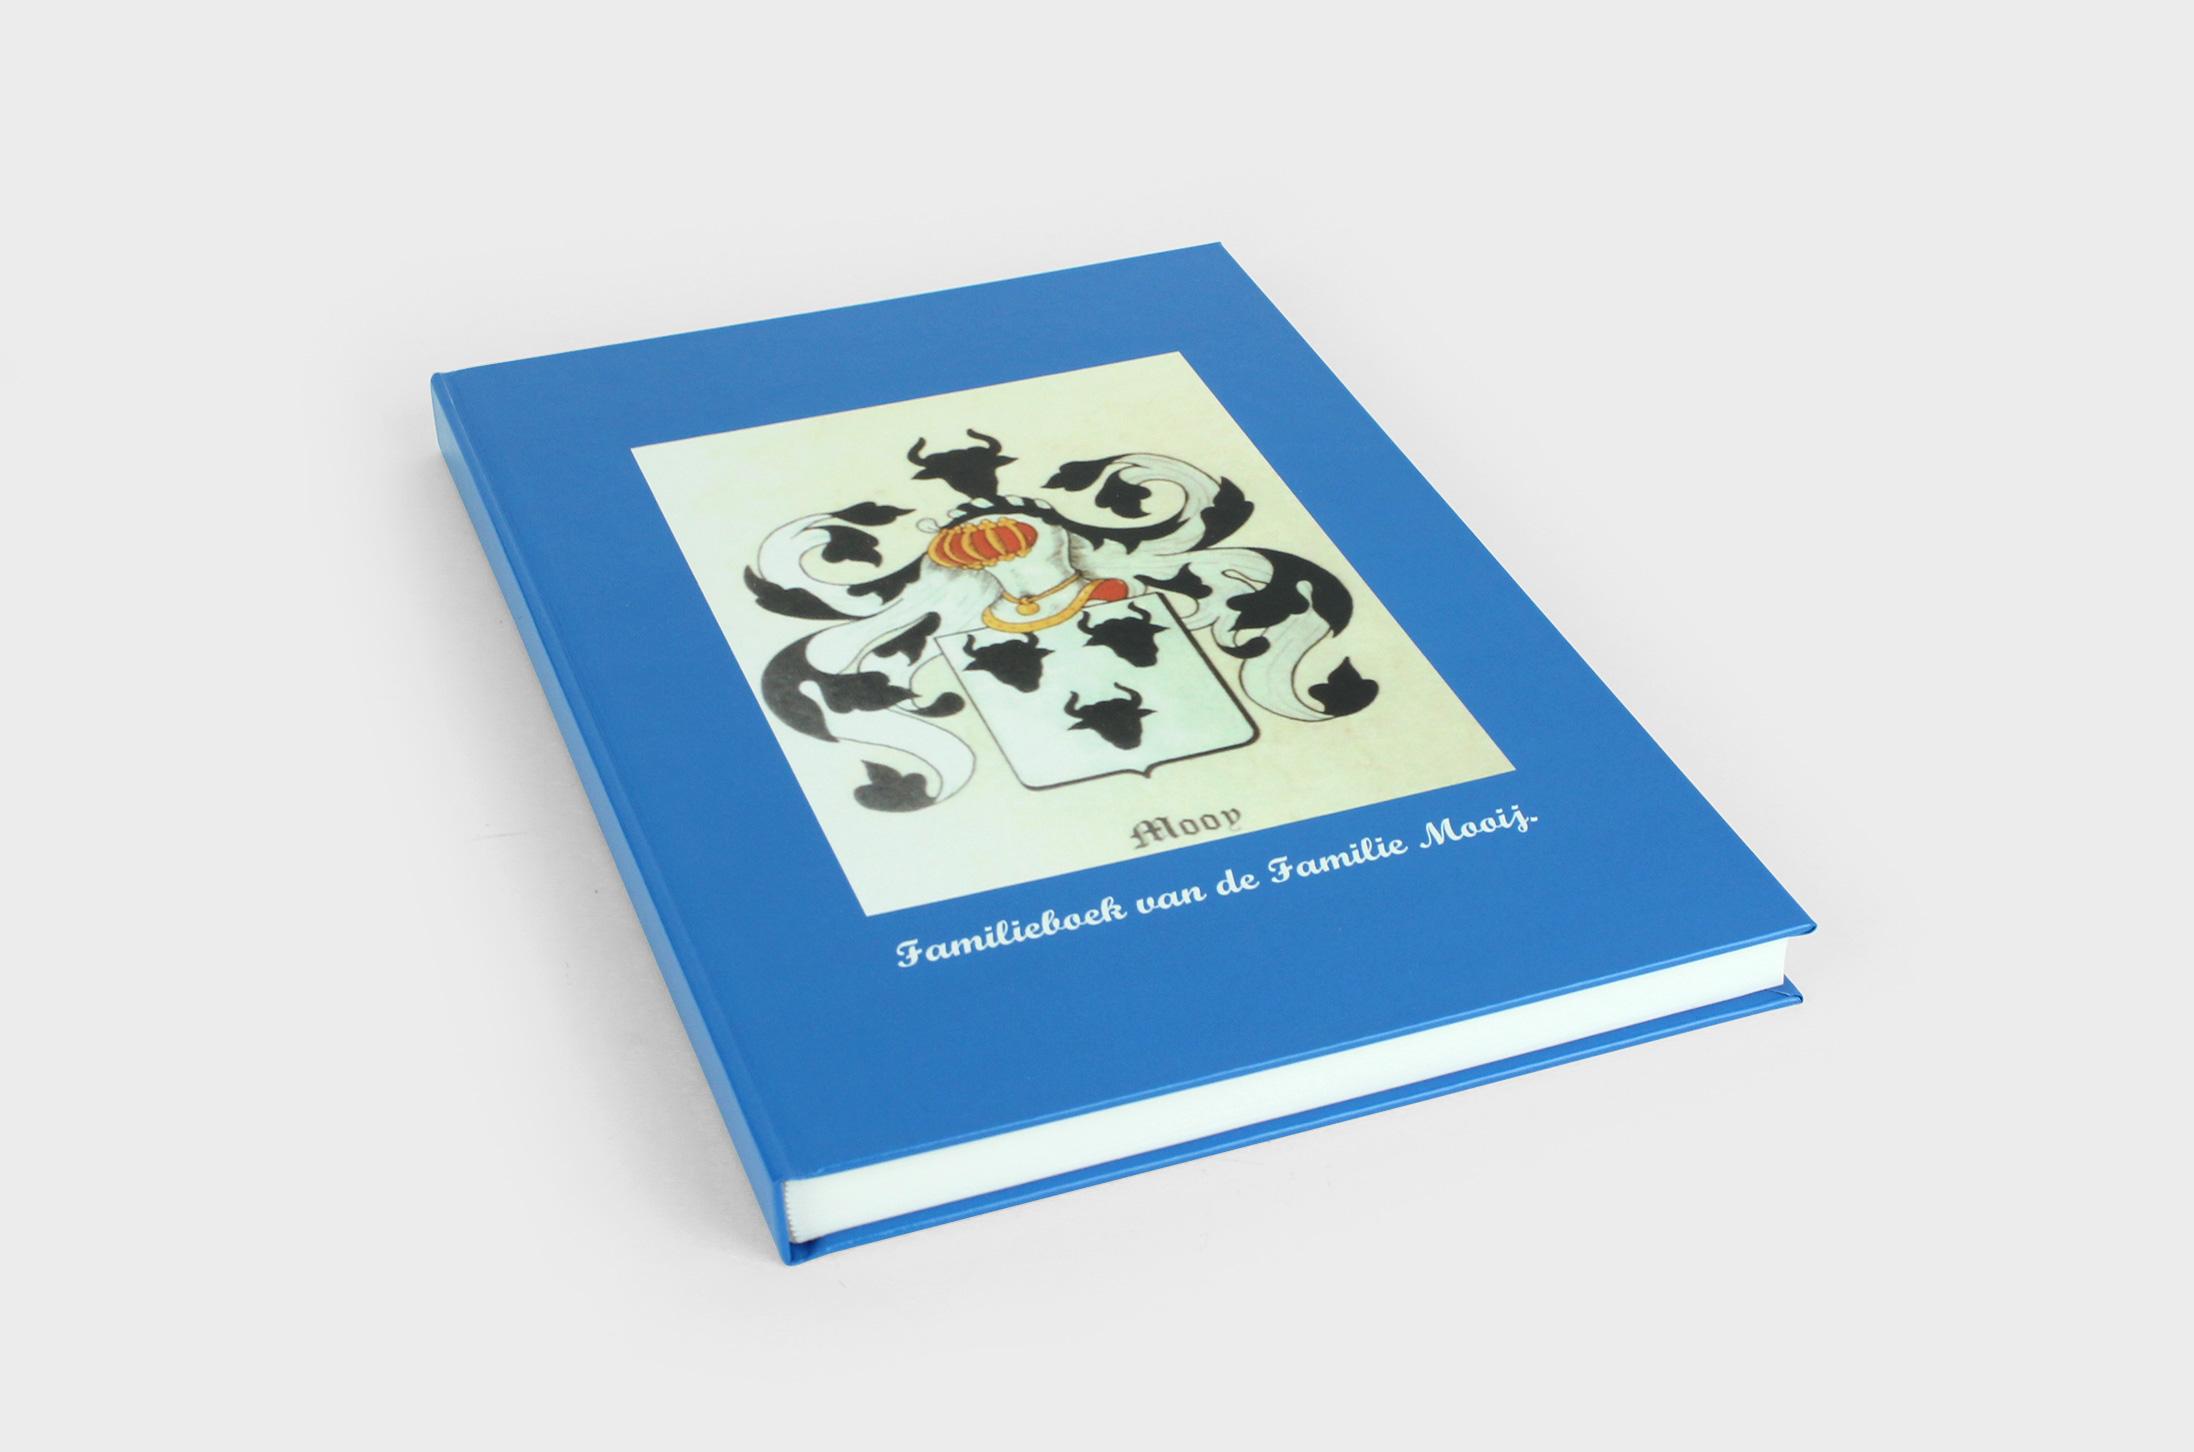 Familieboek van de familie Mooij